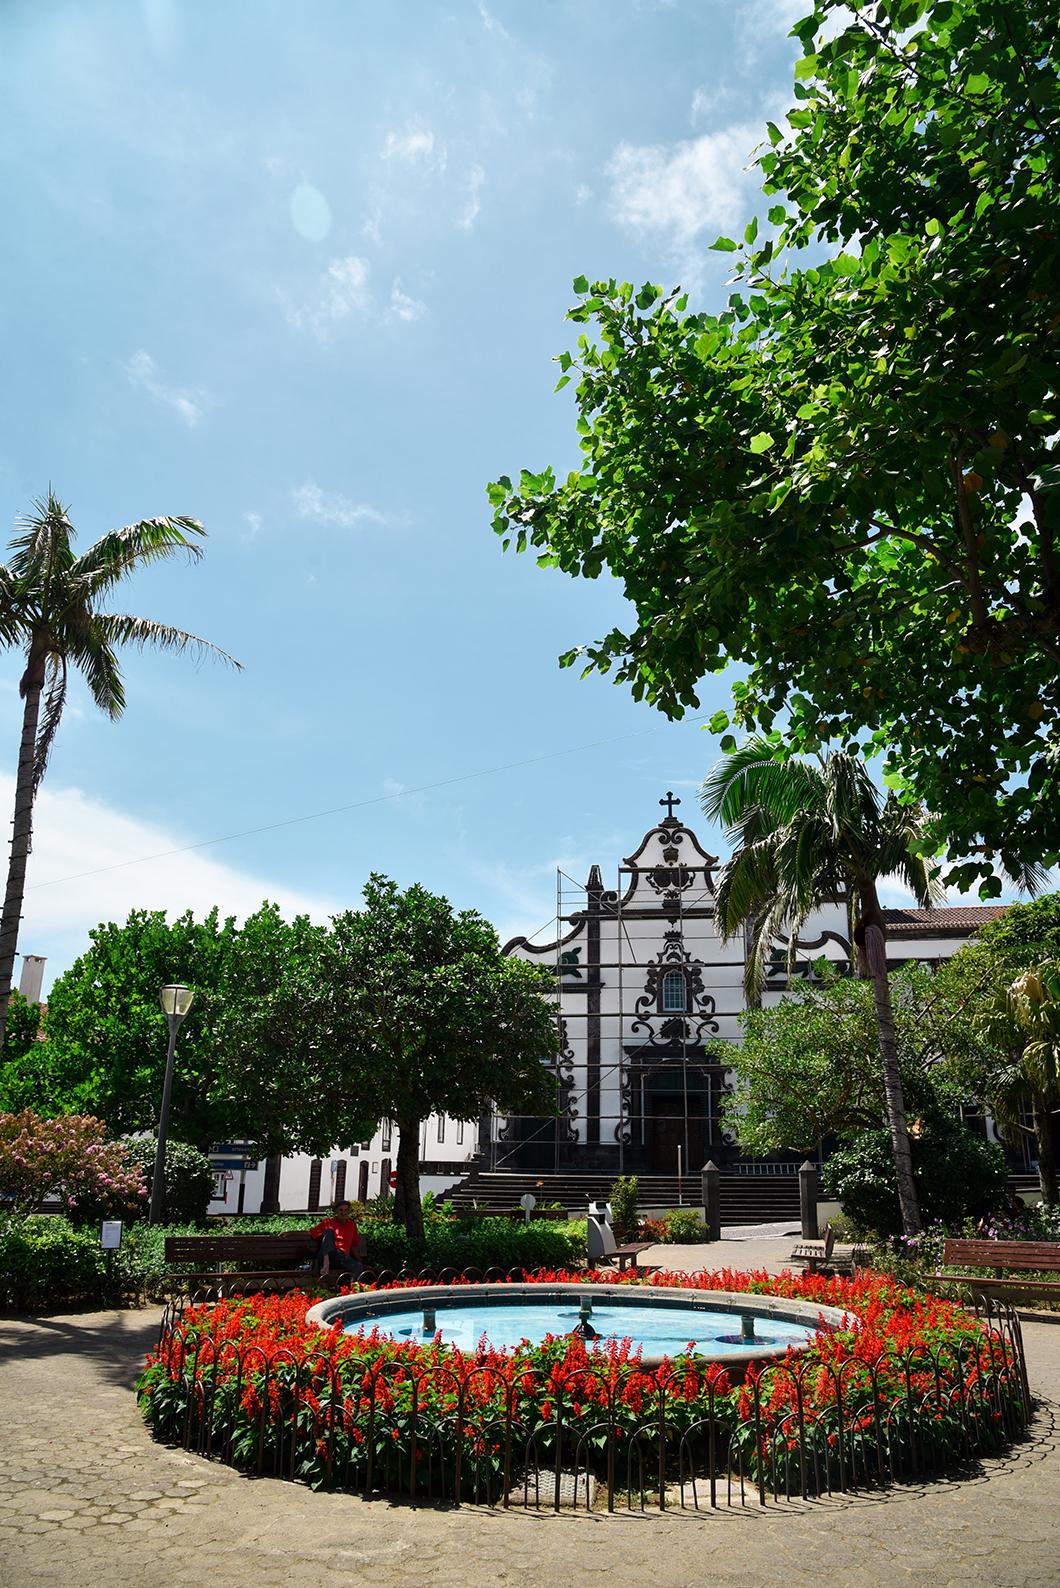 Découverte de la ville de Vila Franca do Campo sur l'île de Sao Miguel